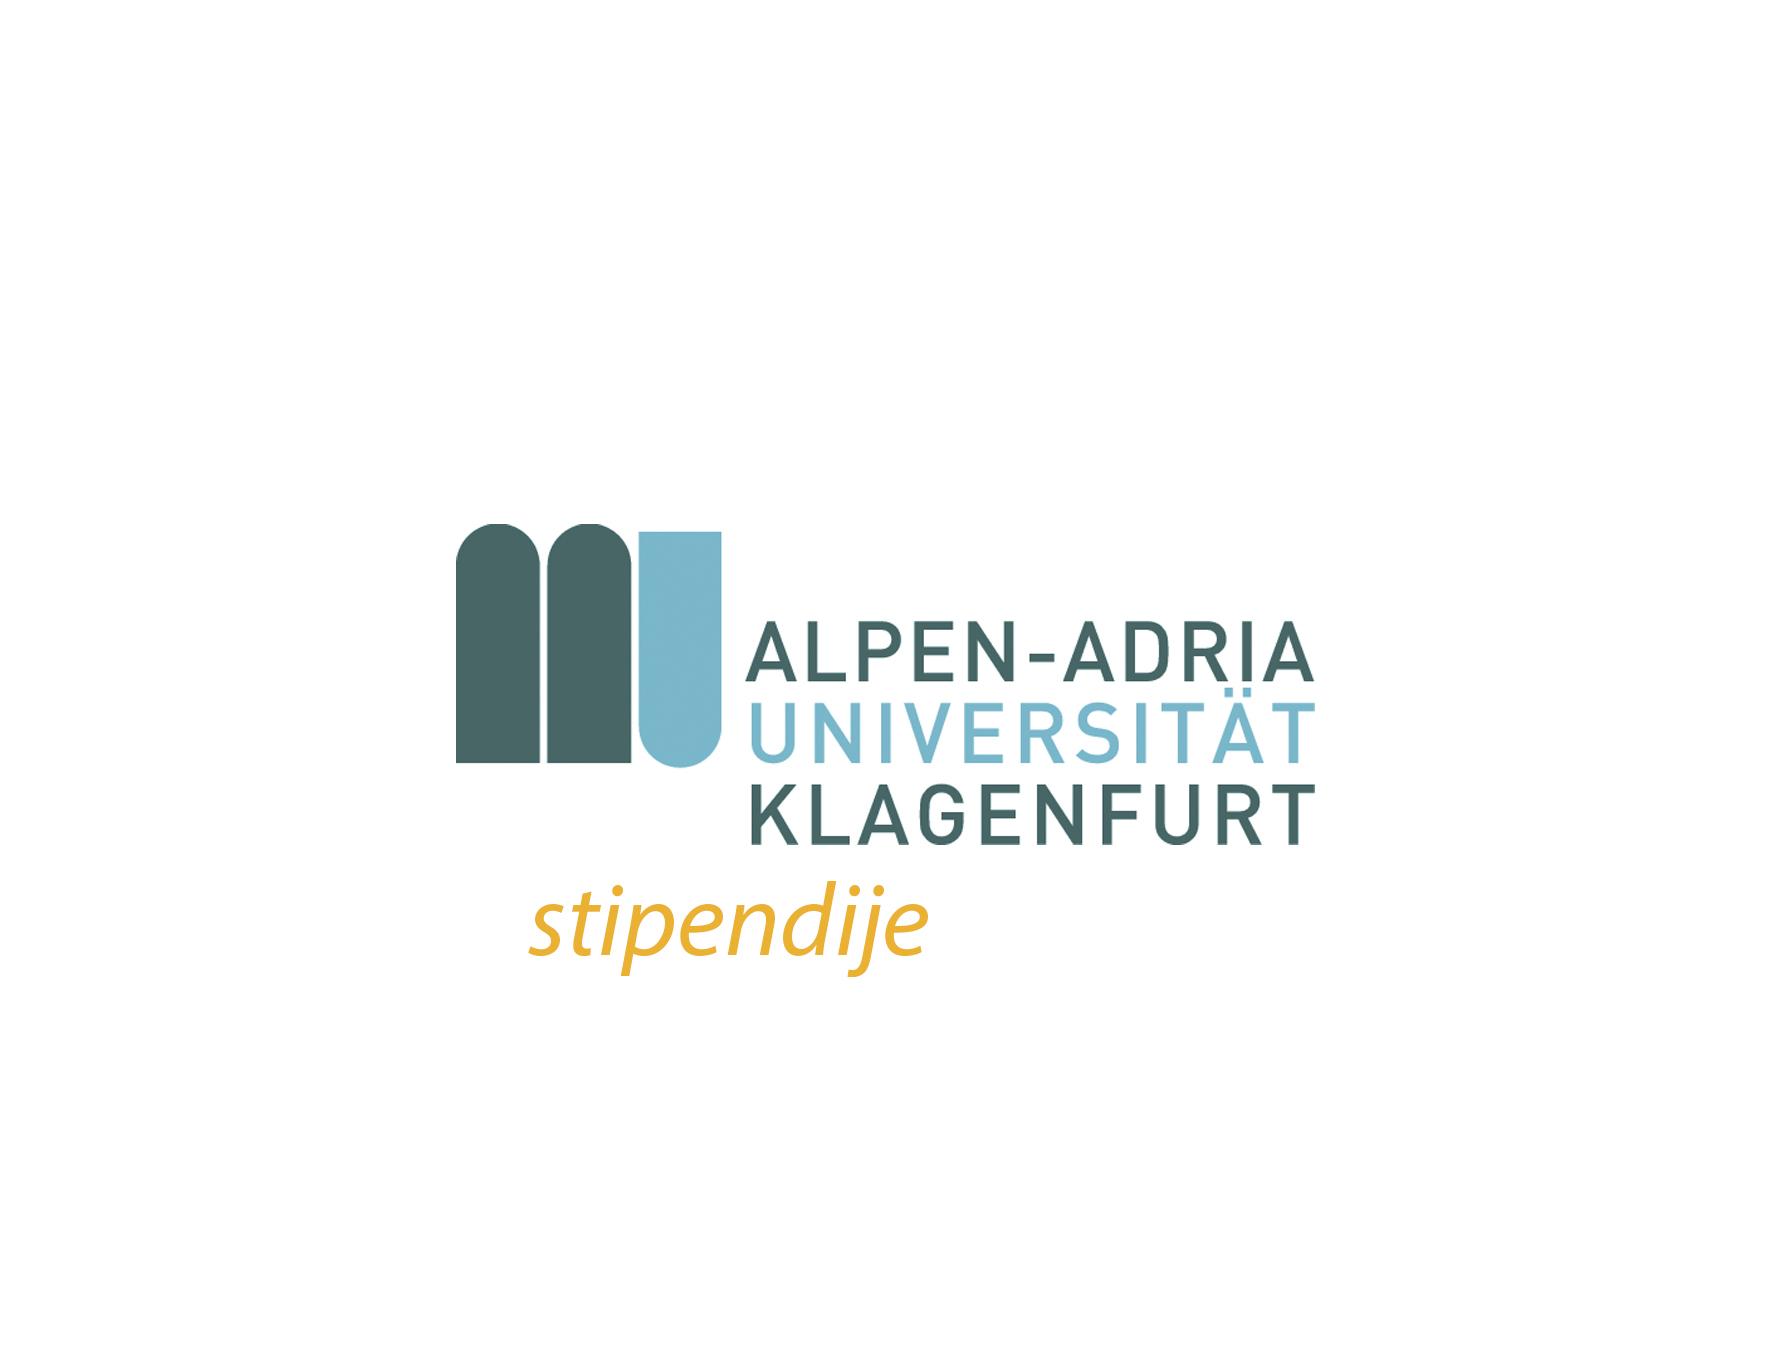 Alpen-Adria master i bachelor stipendije Alpen-Adria Univerziteta u Klagenfurtu